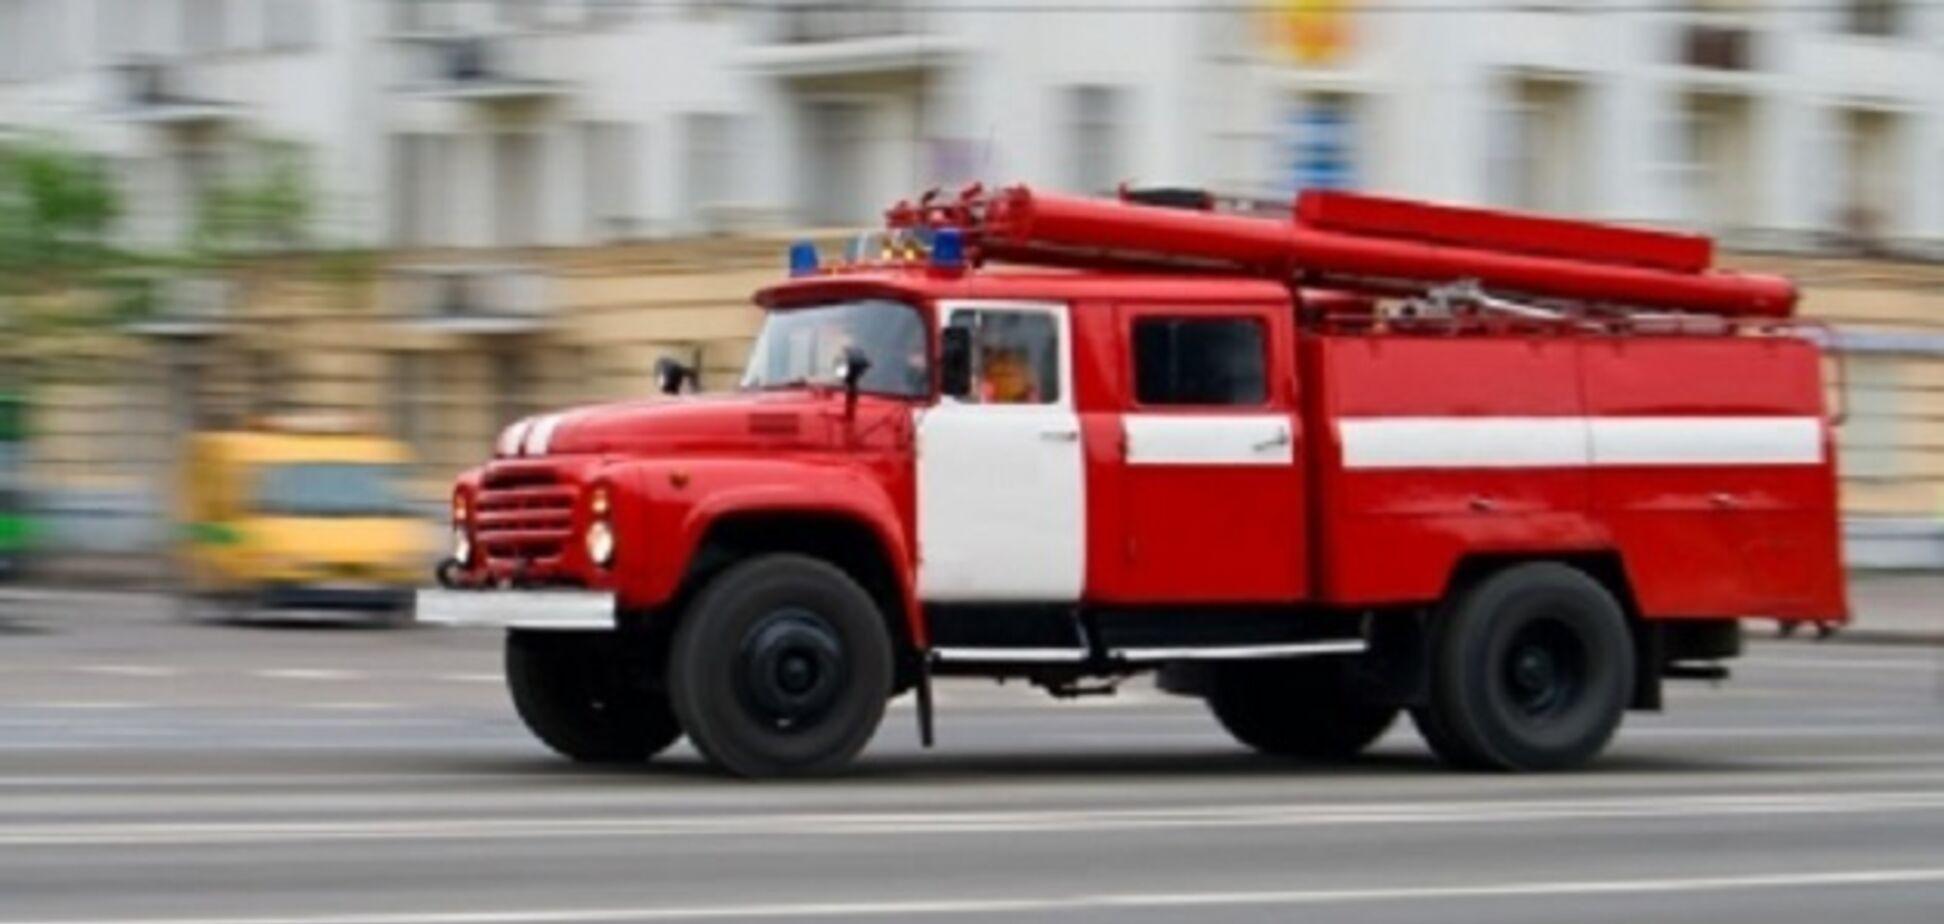 Коли навколо вогонь: як працюють пожежні у Києві